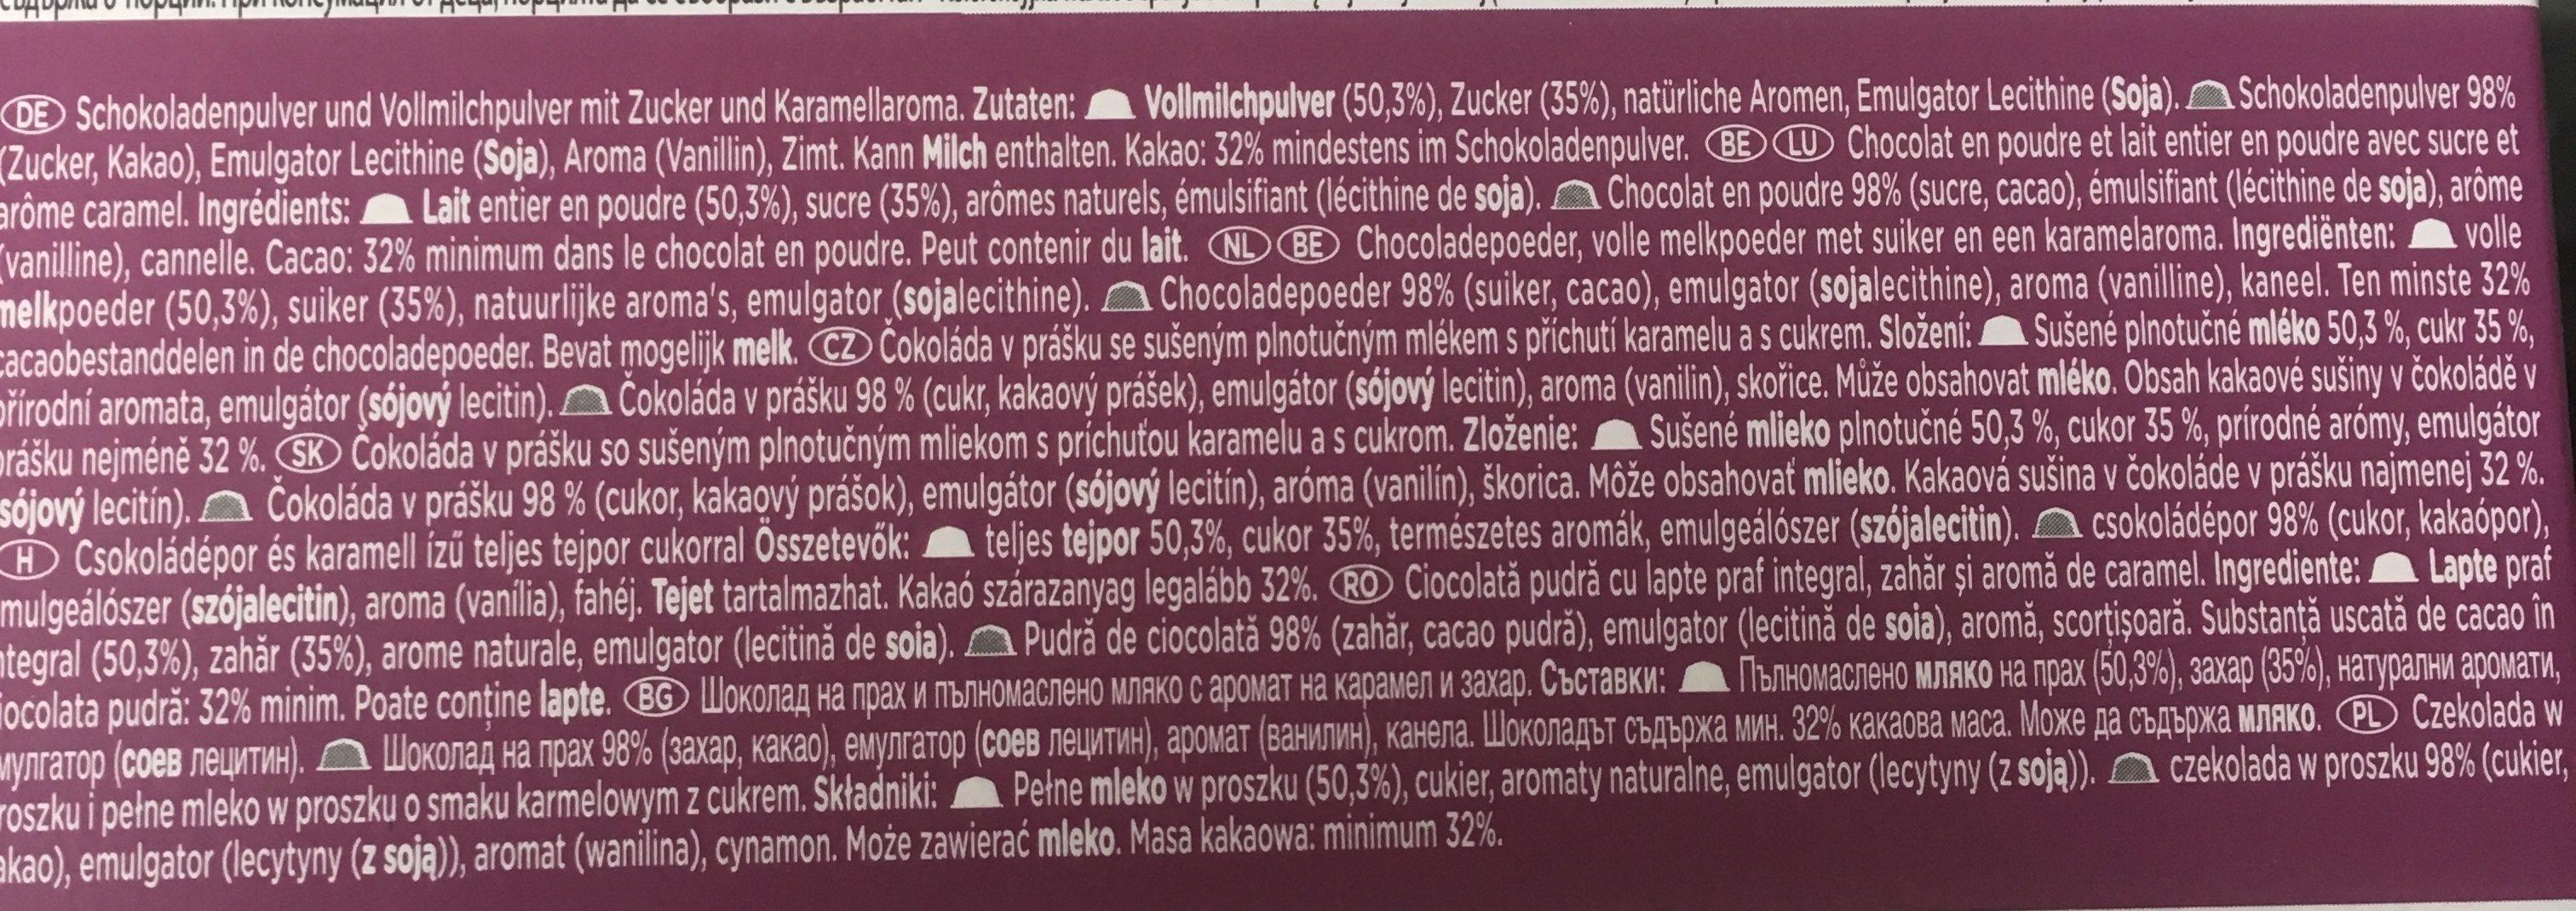 Dolce Gusto Chococino Caramel - Ingrediënten - fr